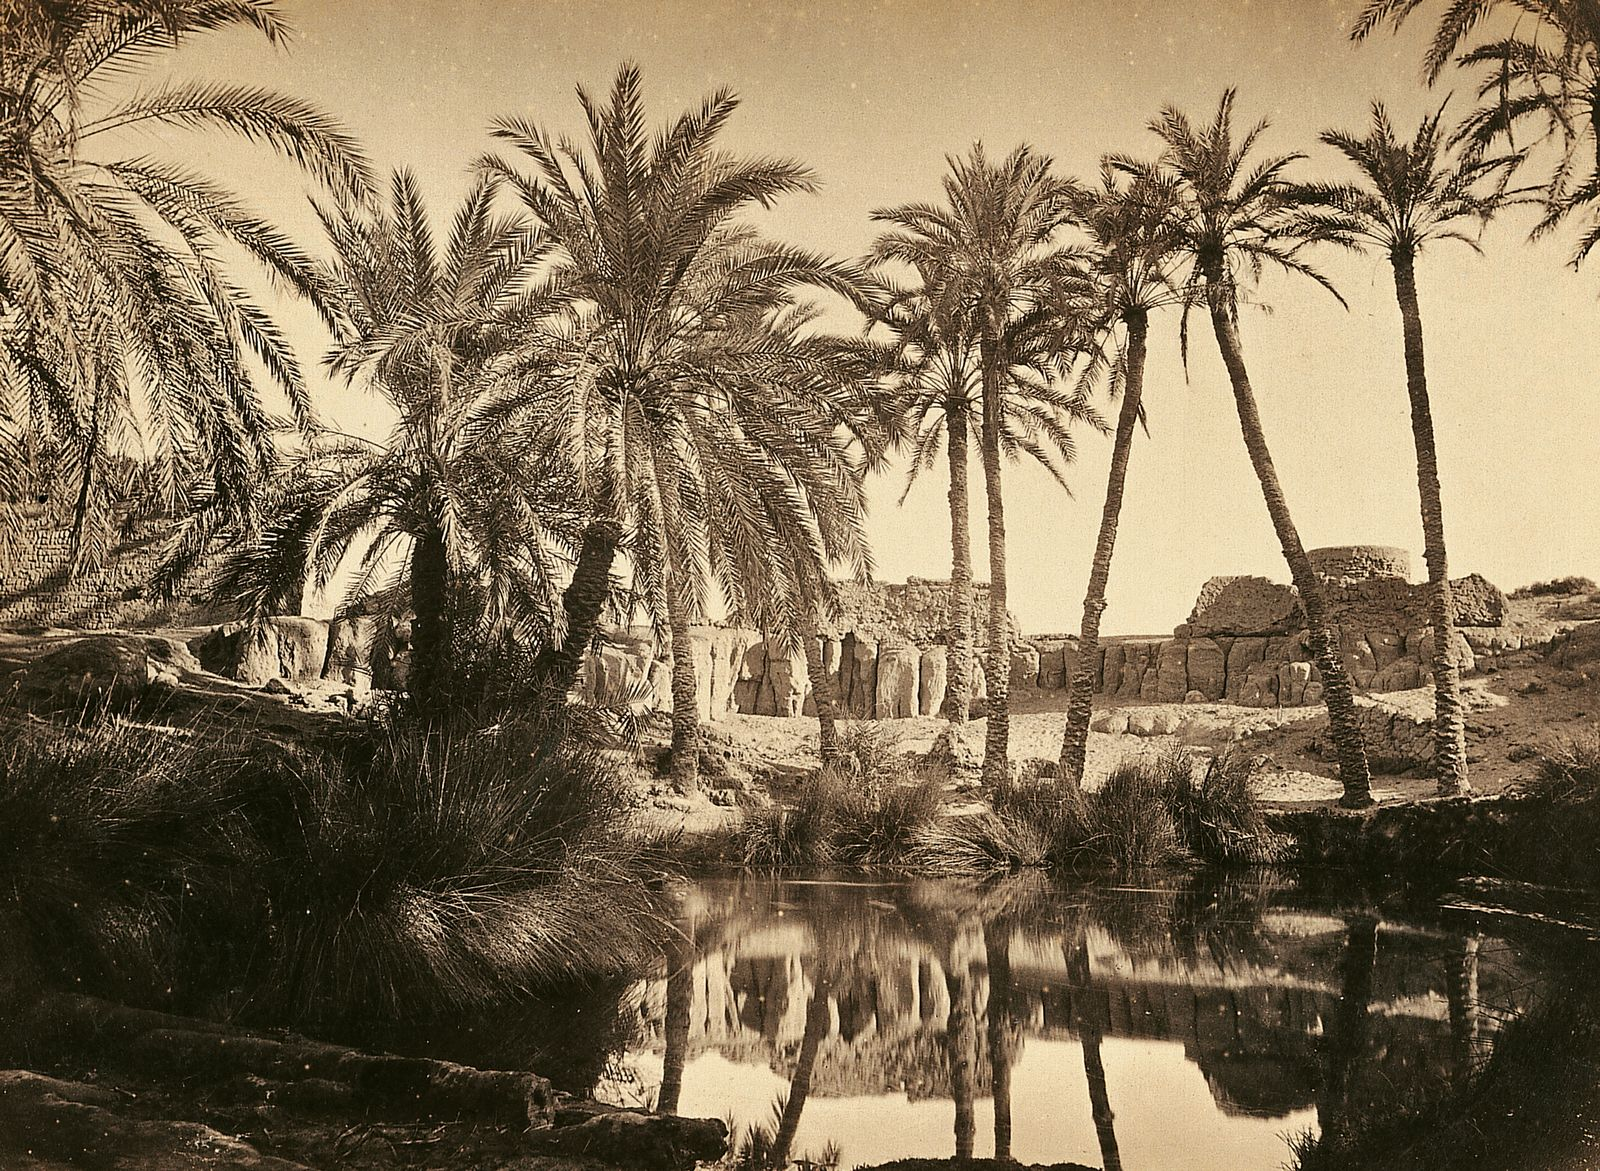 Historische Reisebilder - Die Oase Farafra